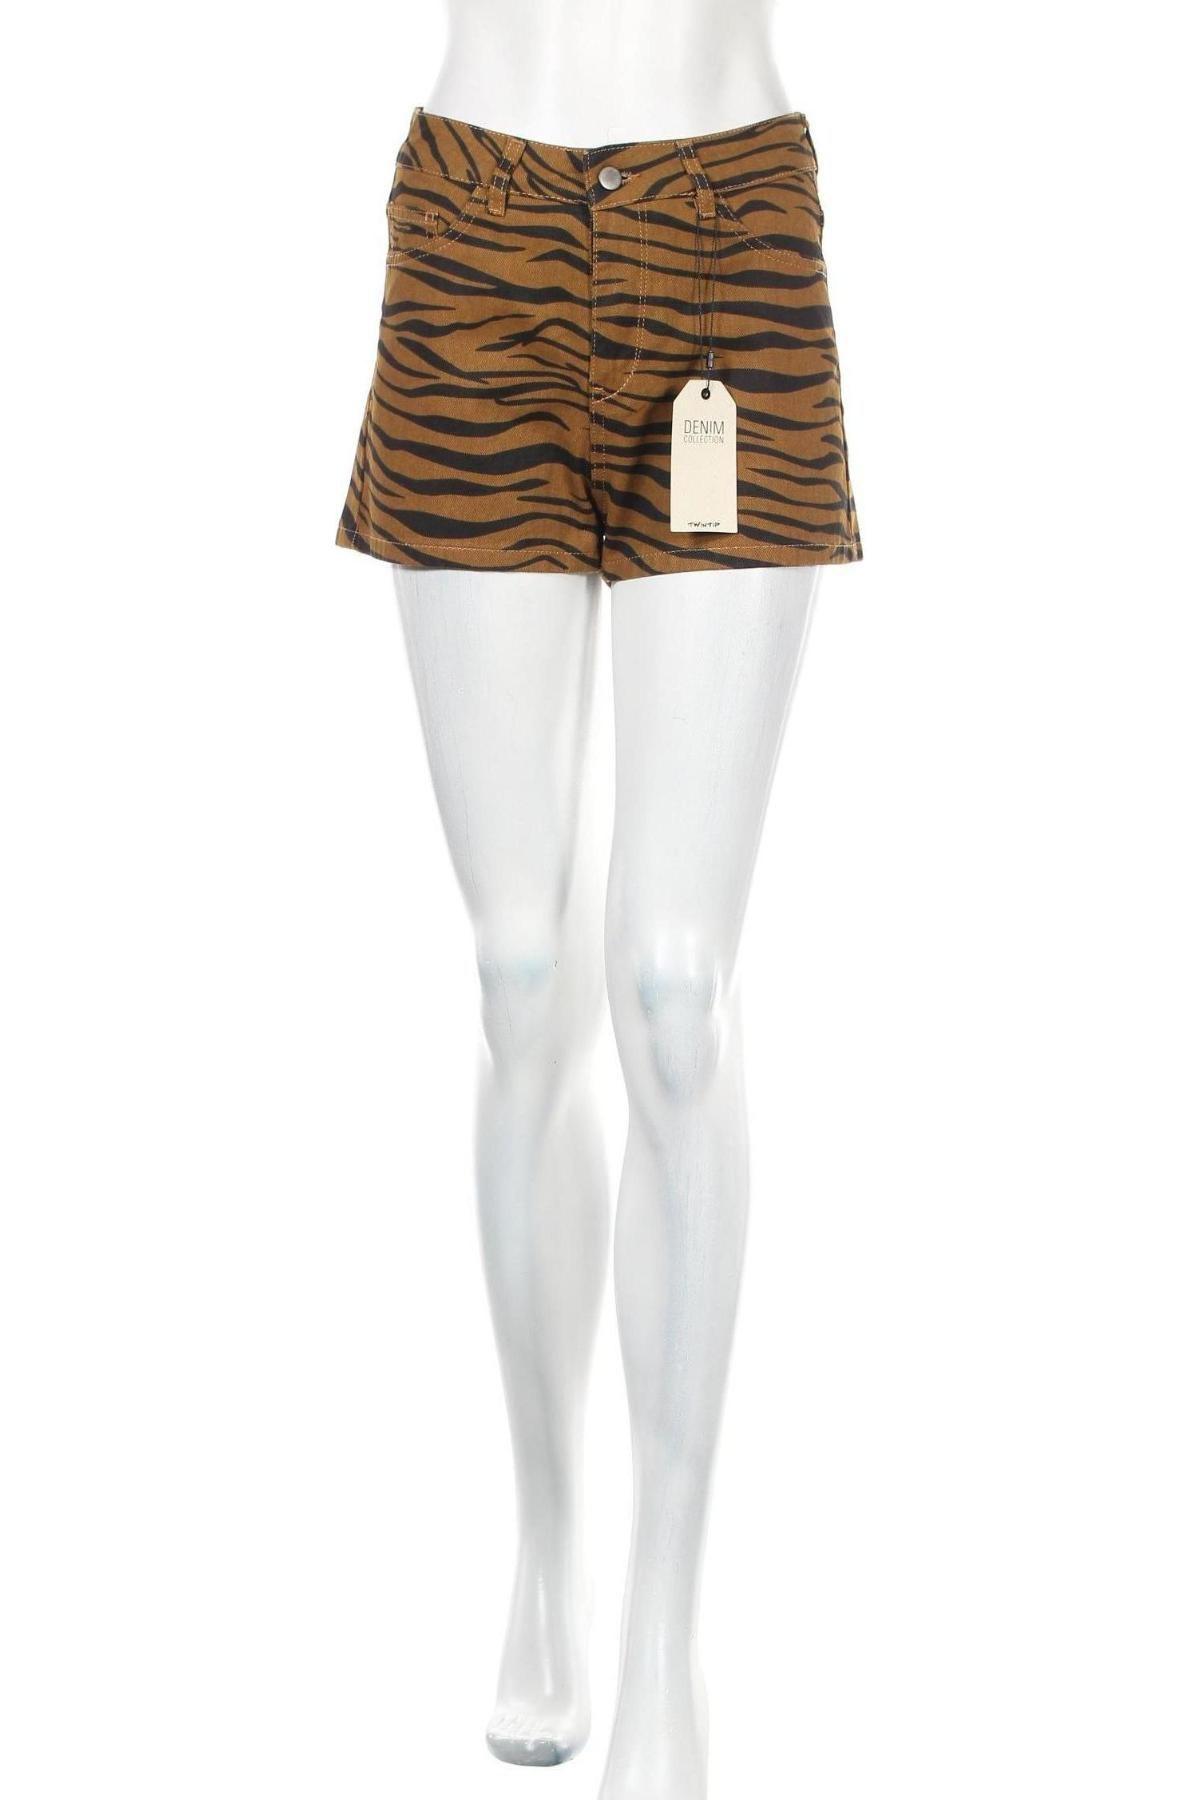 Γυναικείο κοντό παντελόνι Twintip, Μέγεθος S, Χρώμα Καφέ, Βαμβάκι, Τιμή 10,21€